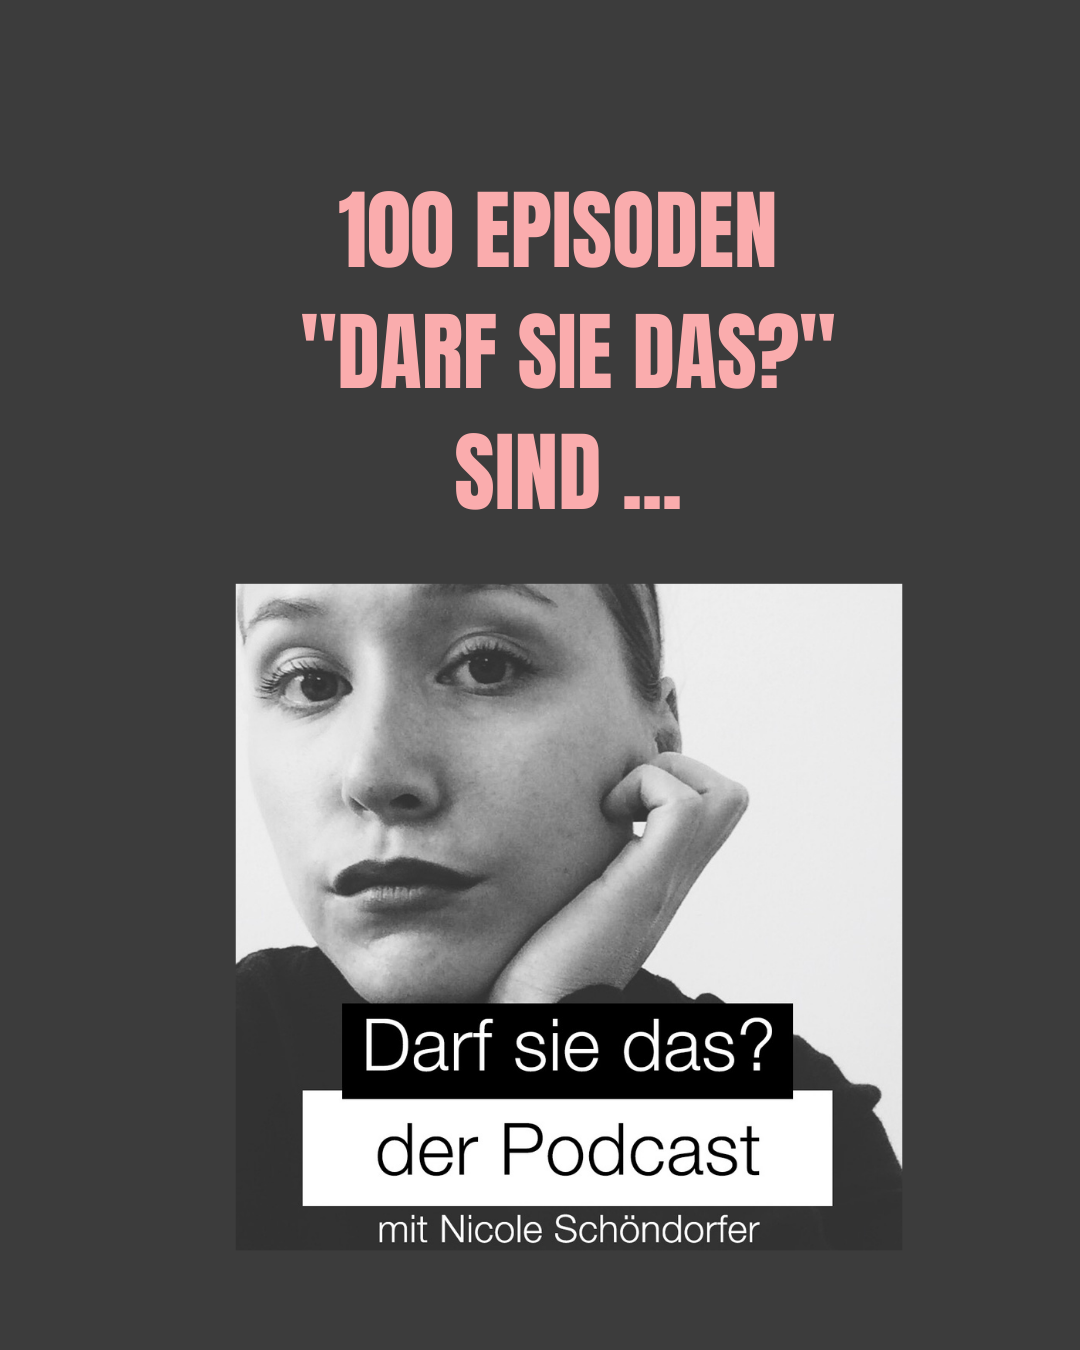 """100 Episoden """"Darf sie das?"""" sind …"""